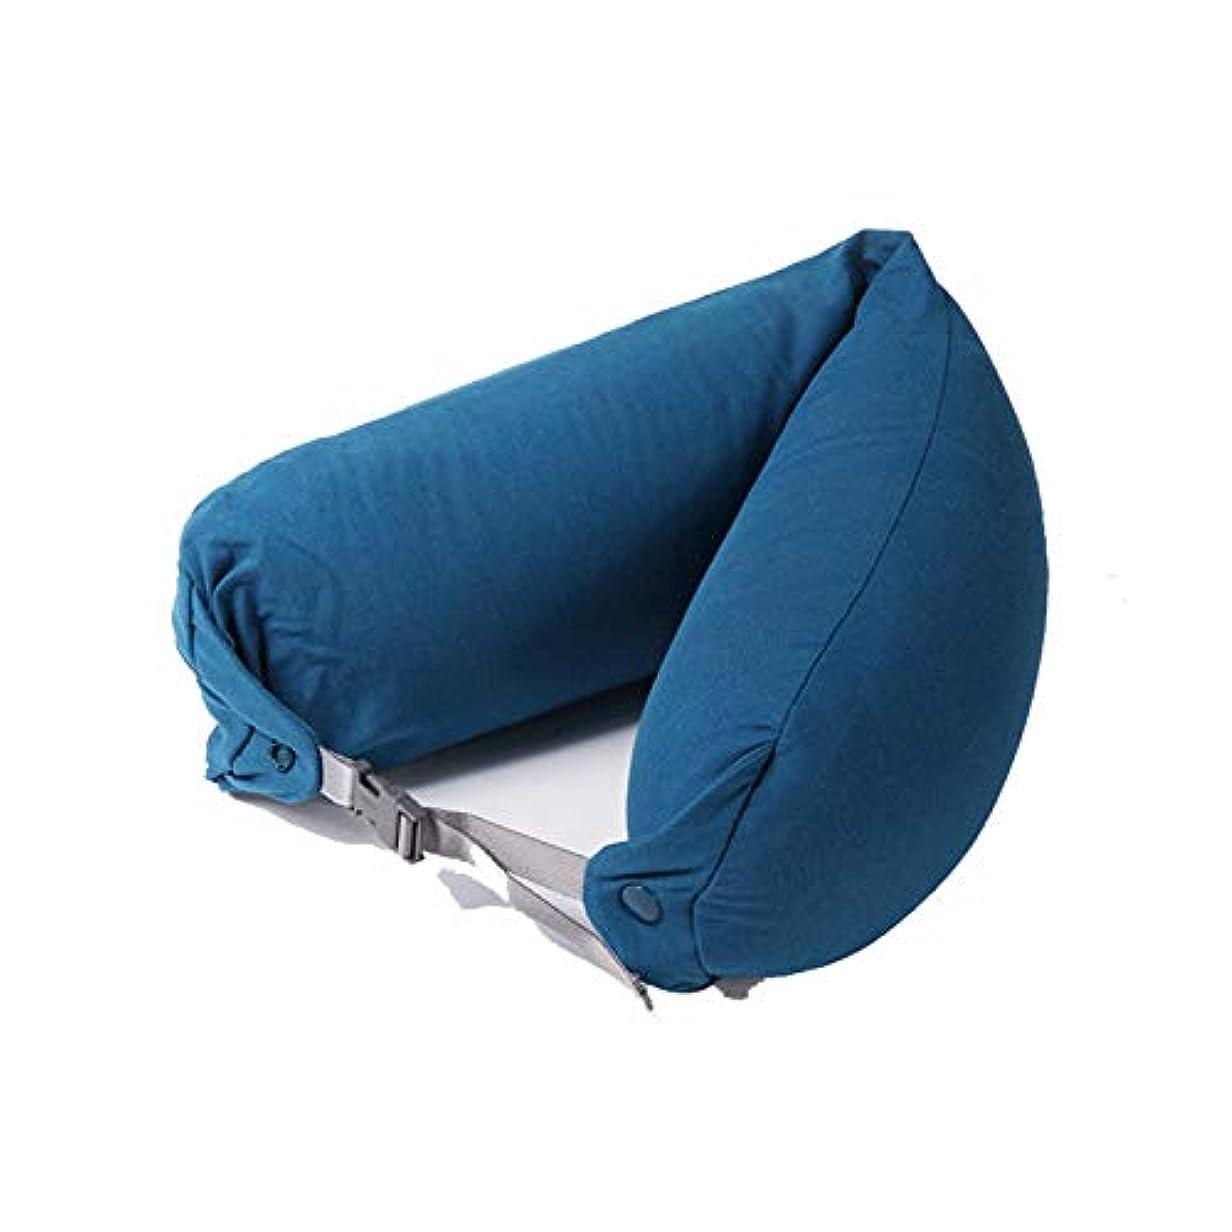 ピア犯す編集するSMART ホームオフィス背もたれ椅子腰椎クッションカーシートネック枕 3D 低反発サポートバックマッサージウエストレスリビング枕 クッション 椅子